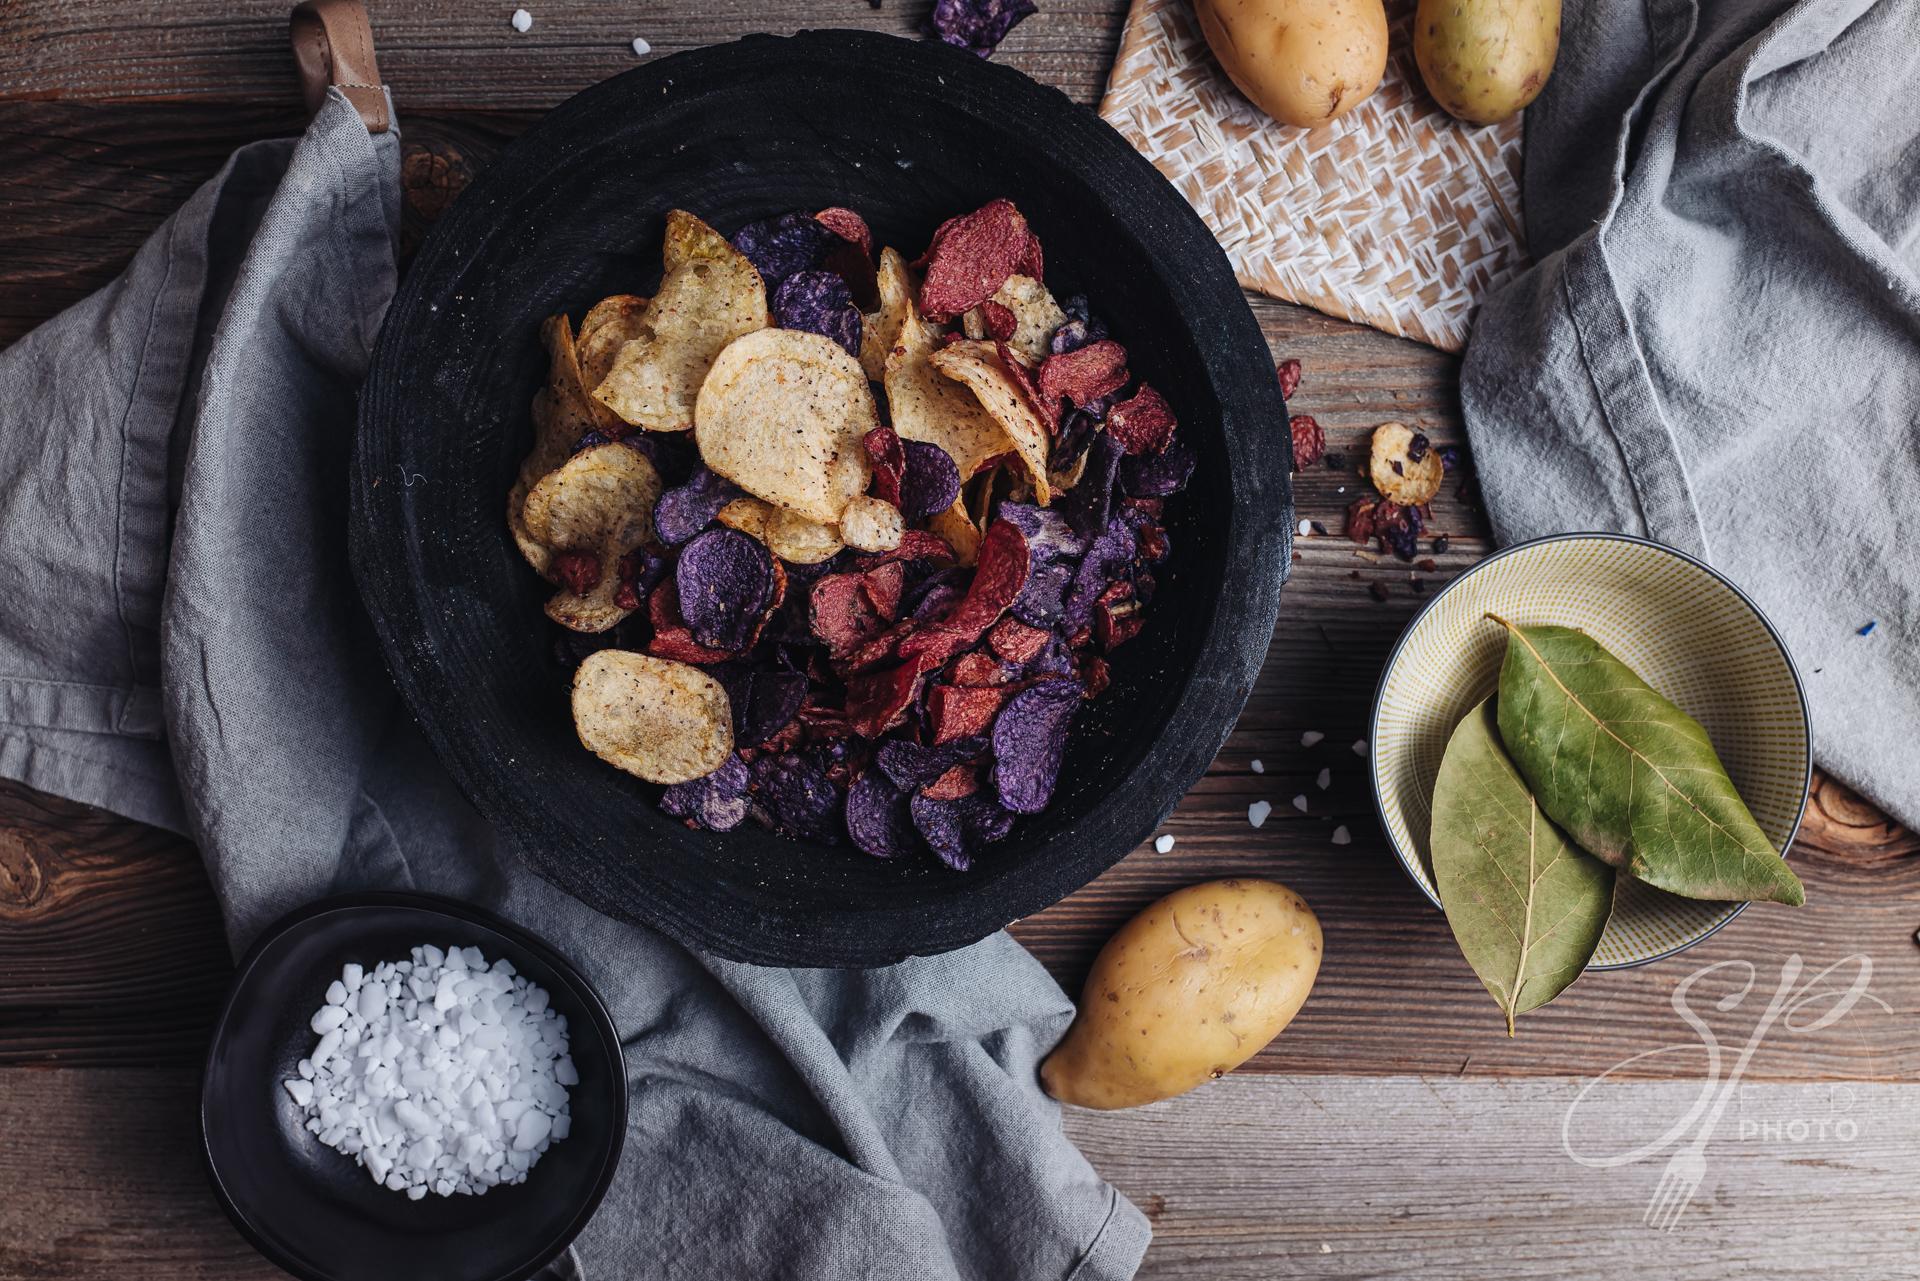 Colored crispy potato chips